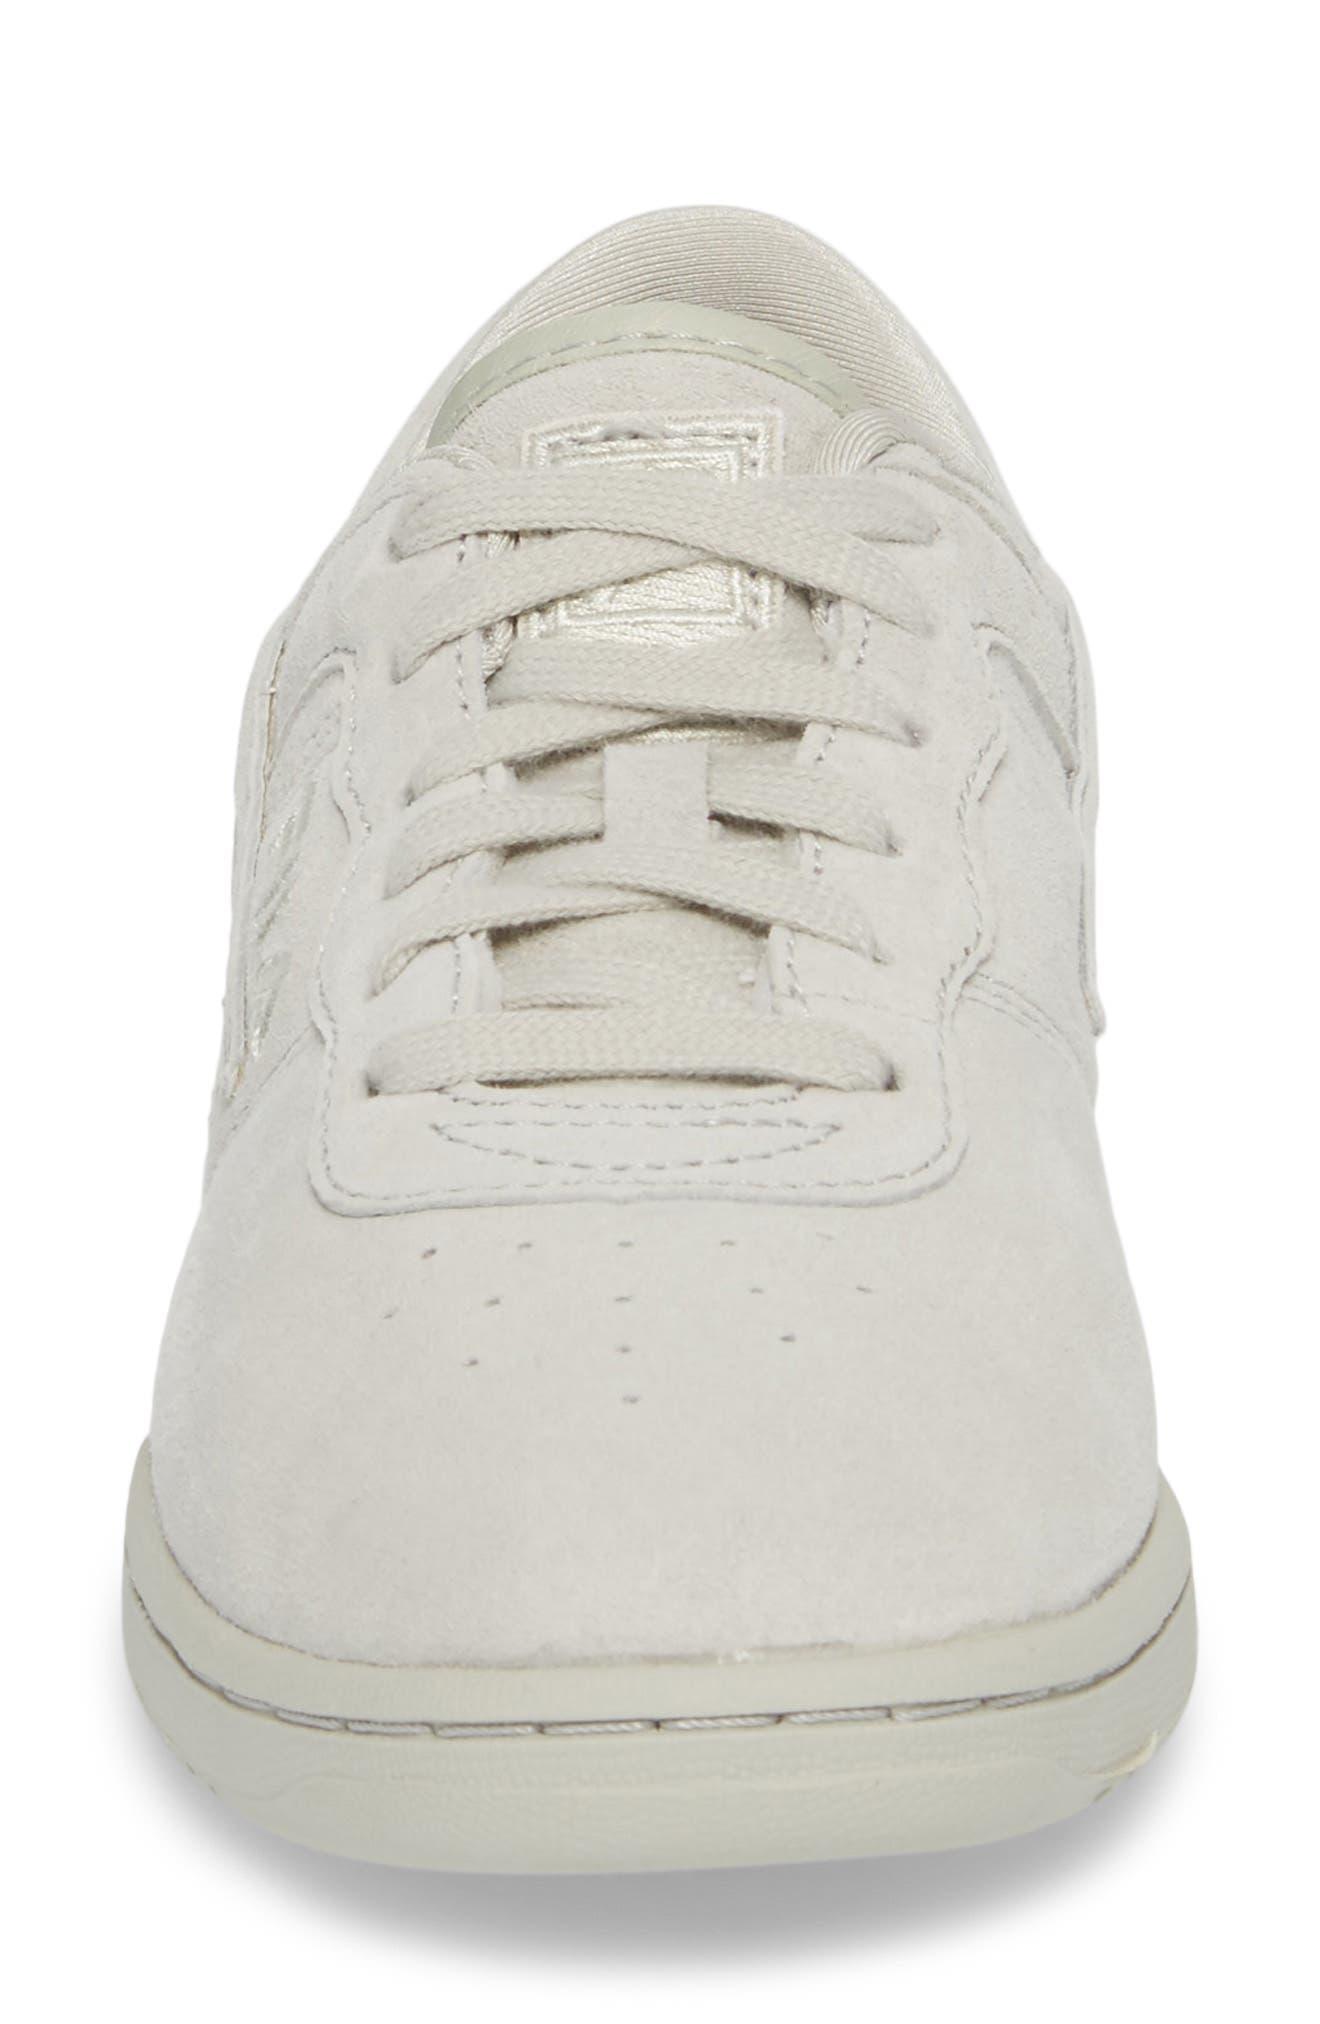 Original Fitness Premium Sneaker,                             Alternate thumbnail 4, color,                             050